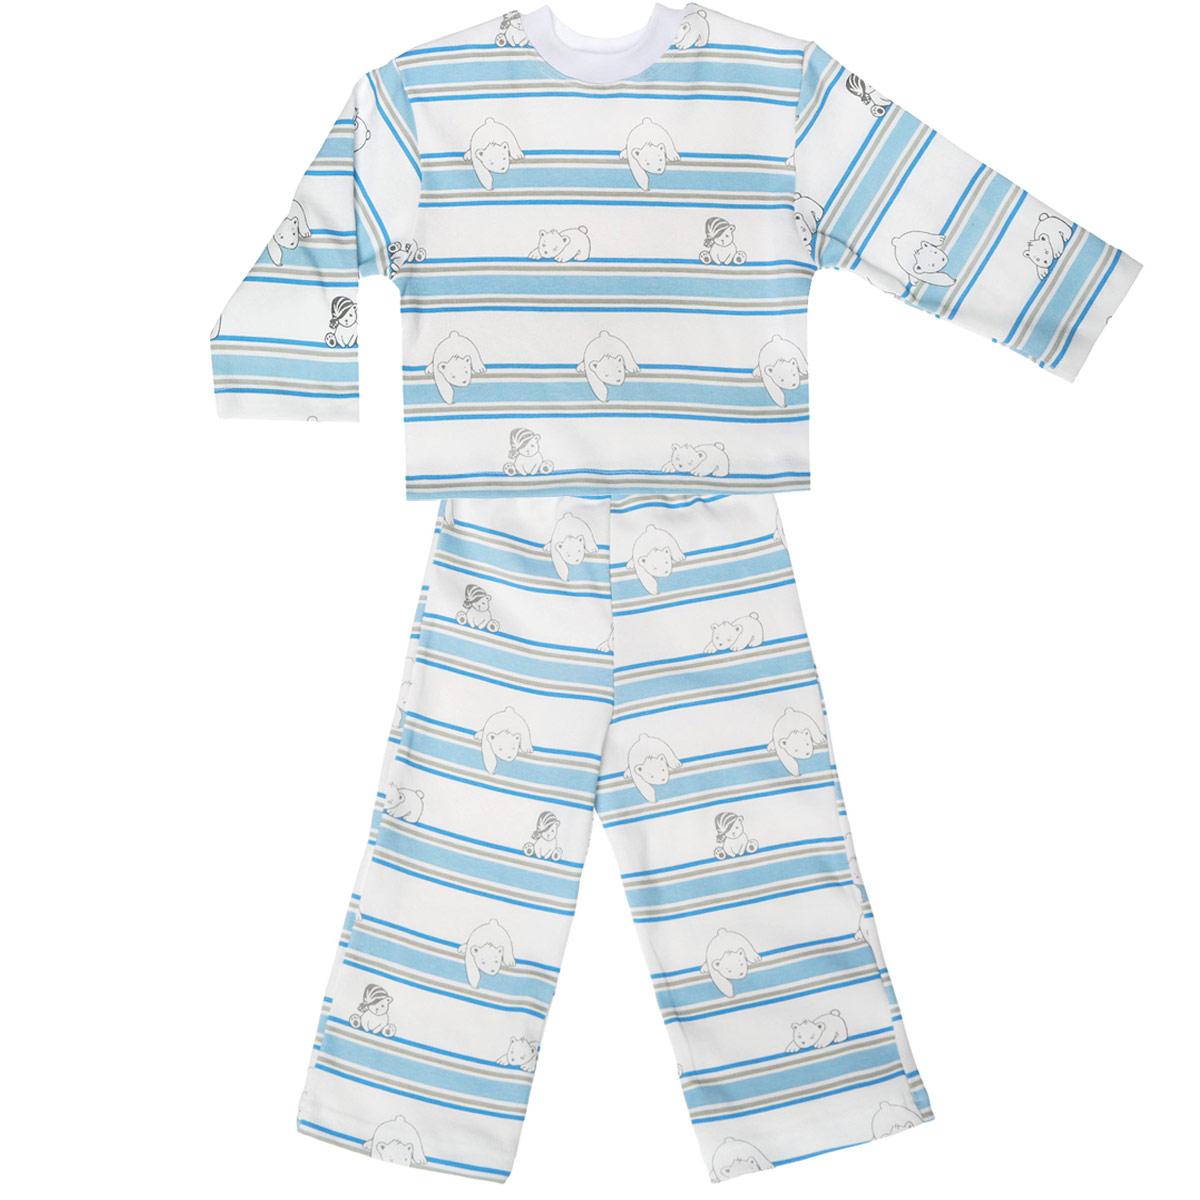 Пижама детская Трон-плюс, цвет: белый, голубой. 5584_мишка, полоска. Размер 98/104, 3-5 лет